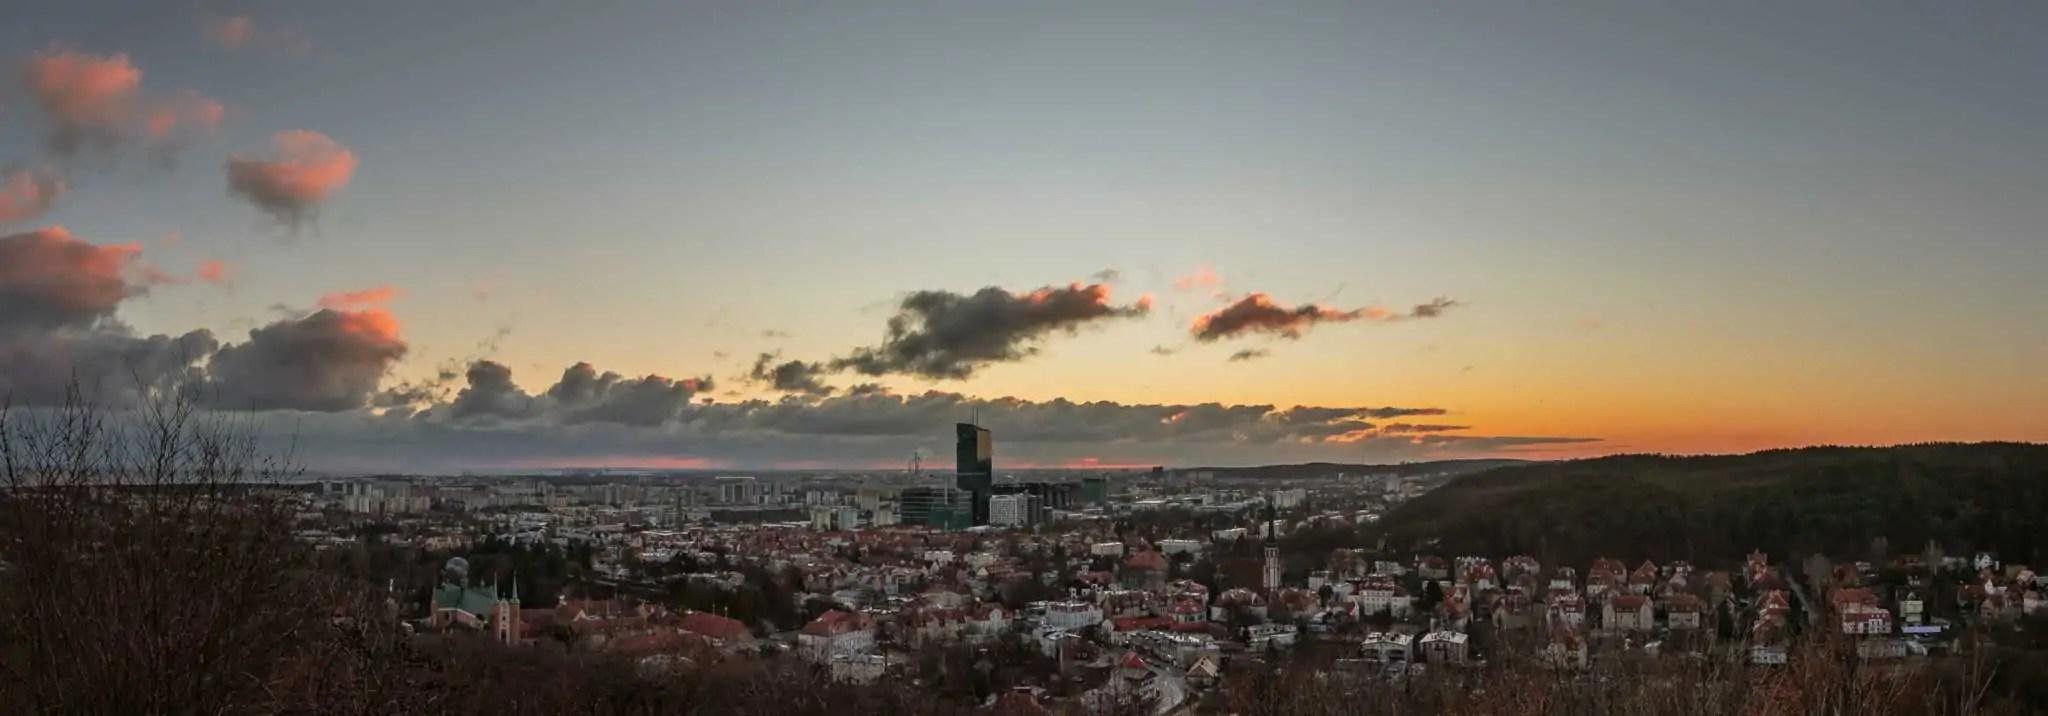 PRZED dodanie matowego efektu przez zmniejszenie kontrastu panorama Gdańska scaled - Emocje w fotografii czyli 12 sposobów na emocjonujące zdjęcia !